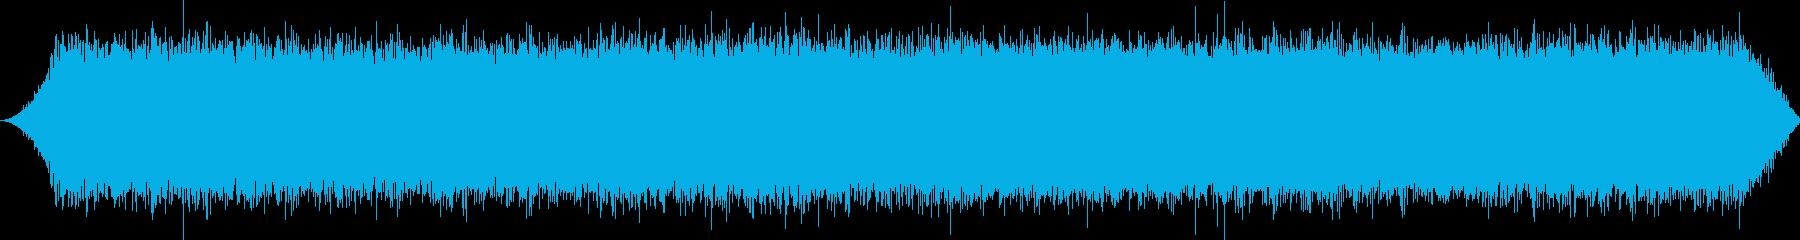 41フィートコーストガードユーティ...の再生済みの波形